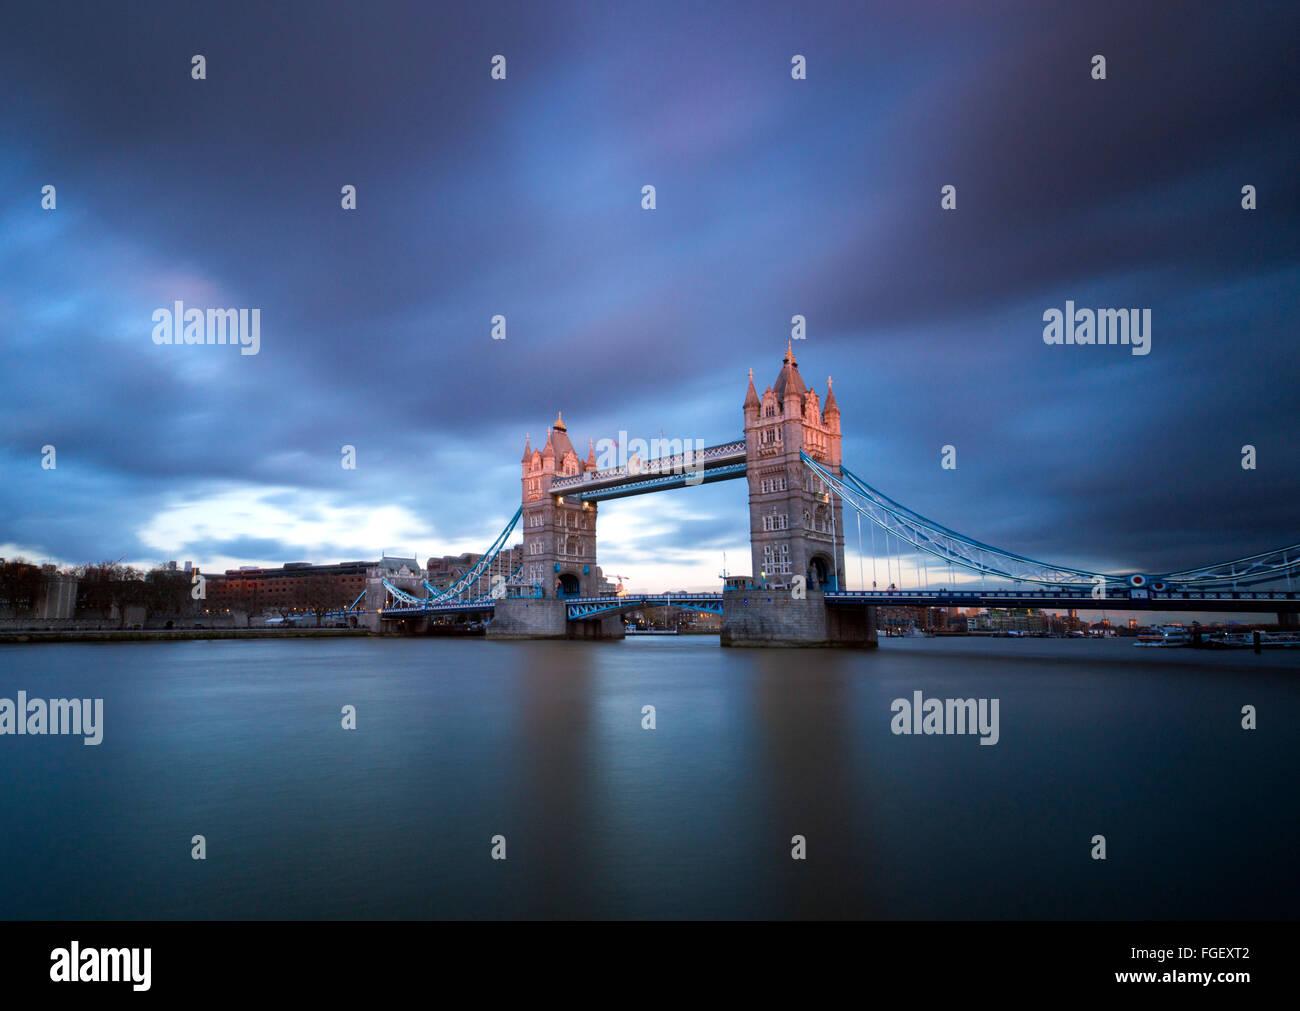 La larga exposición al atardecer en el puente de la Torre de Londres, Inglaterra, Reino Unido Foto de stock